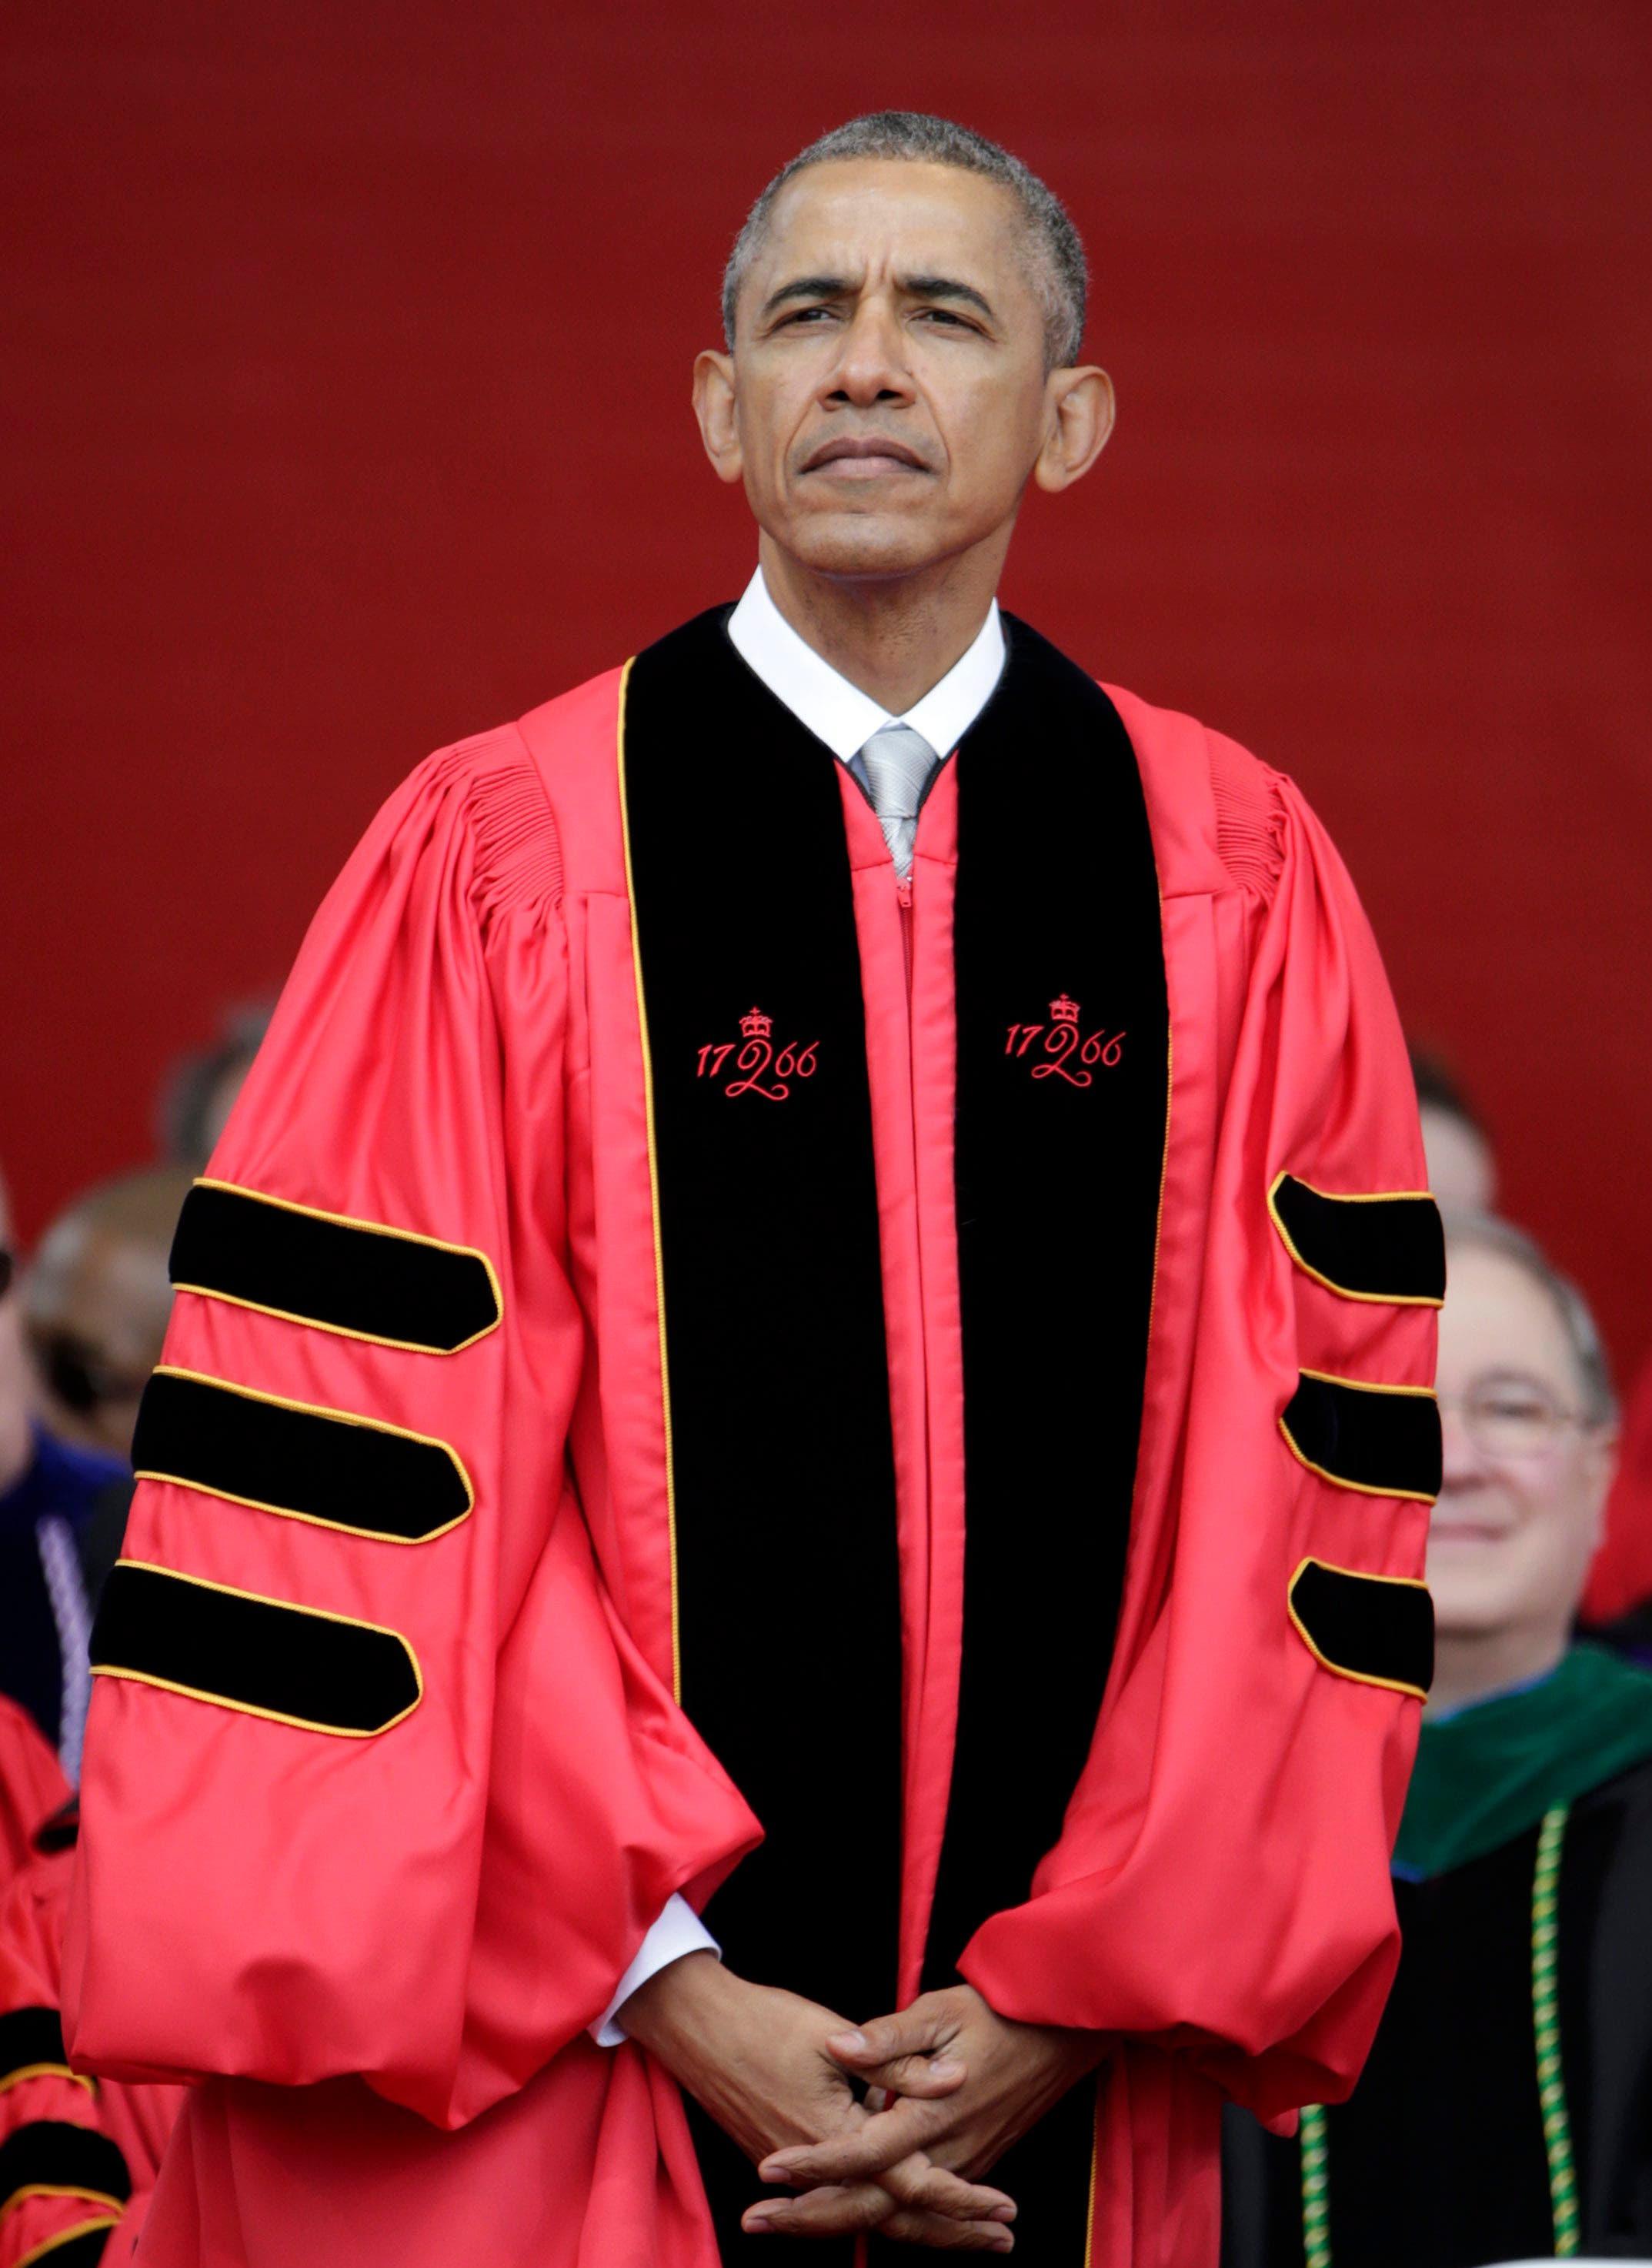 Obama mit ernster Miene – gleich wird er zum Ehrendoktor an der Rutgers University ernannt. (15. Mai 2016)